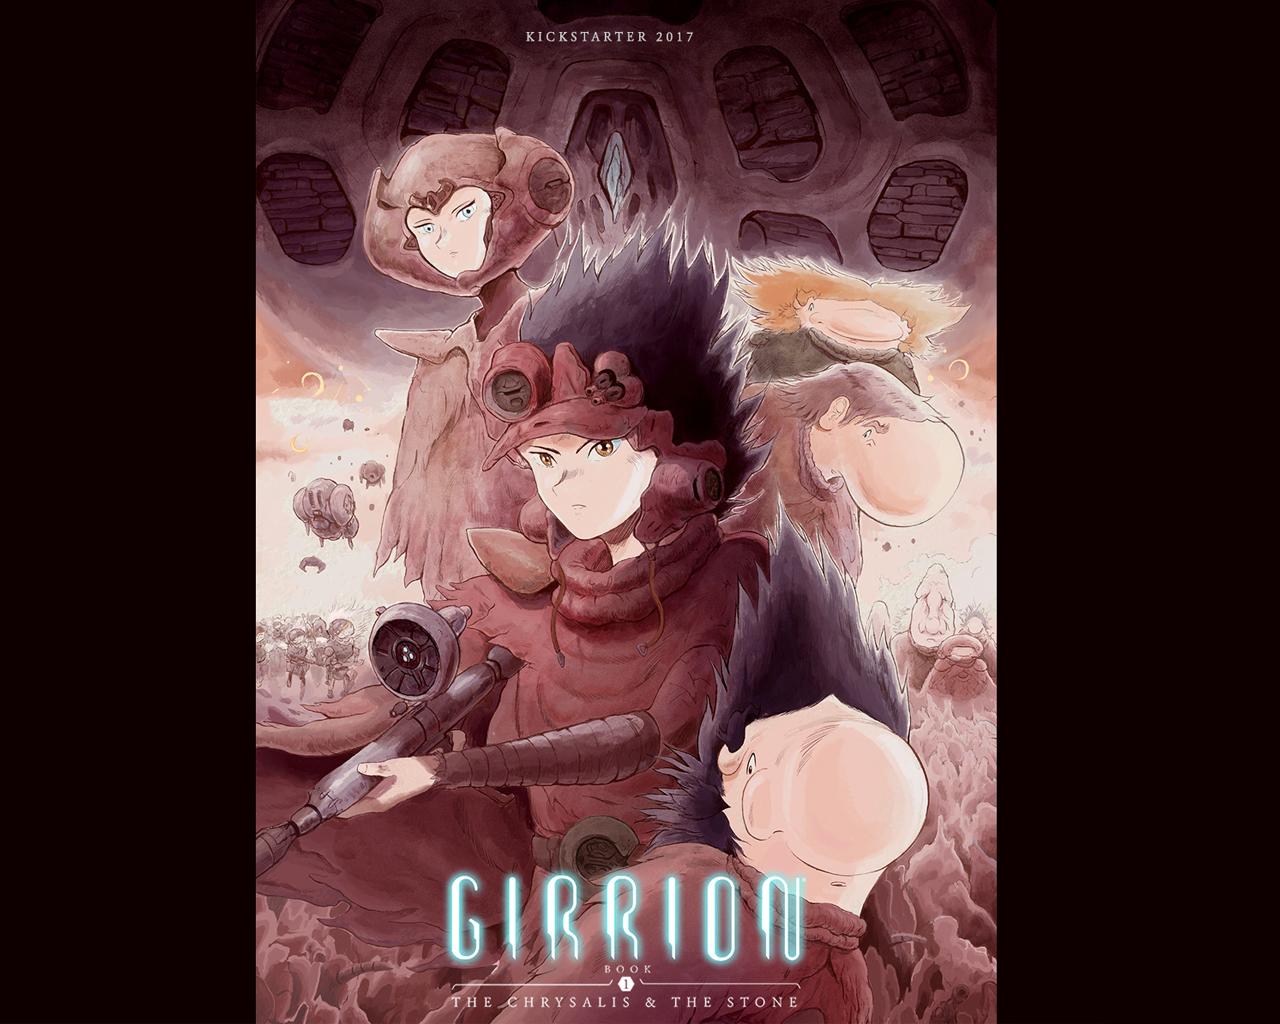 Girrion_dsktp_1280x1024.jpg